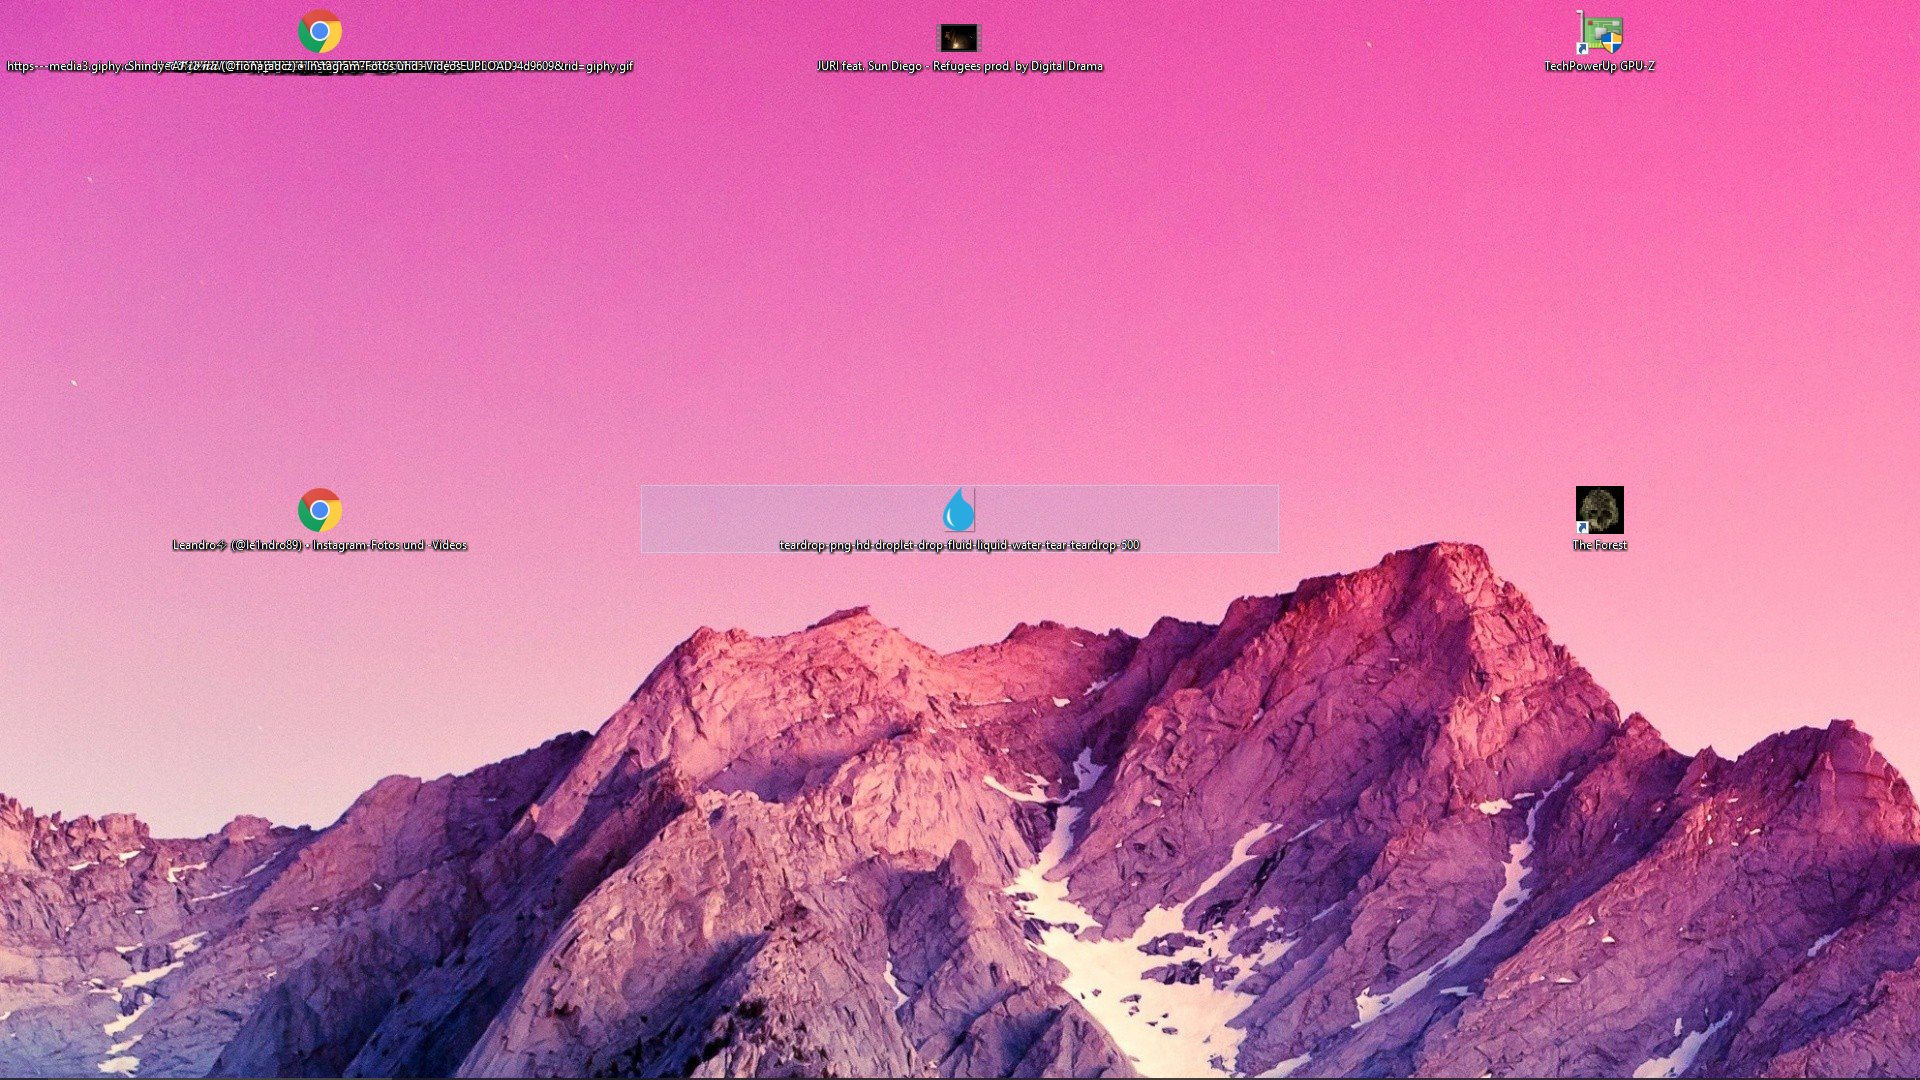 Desktopsymbolte sehr breit